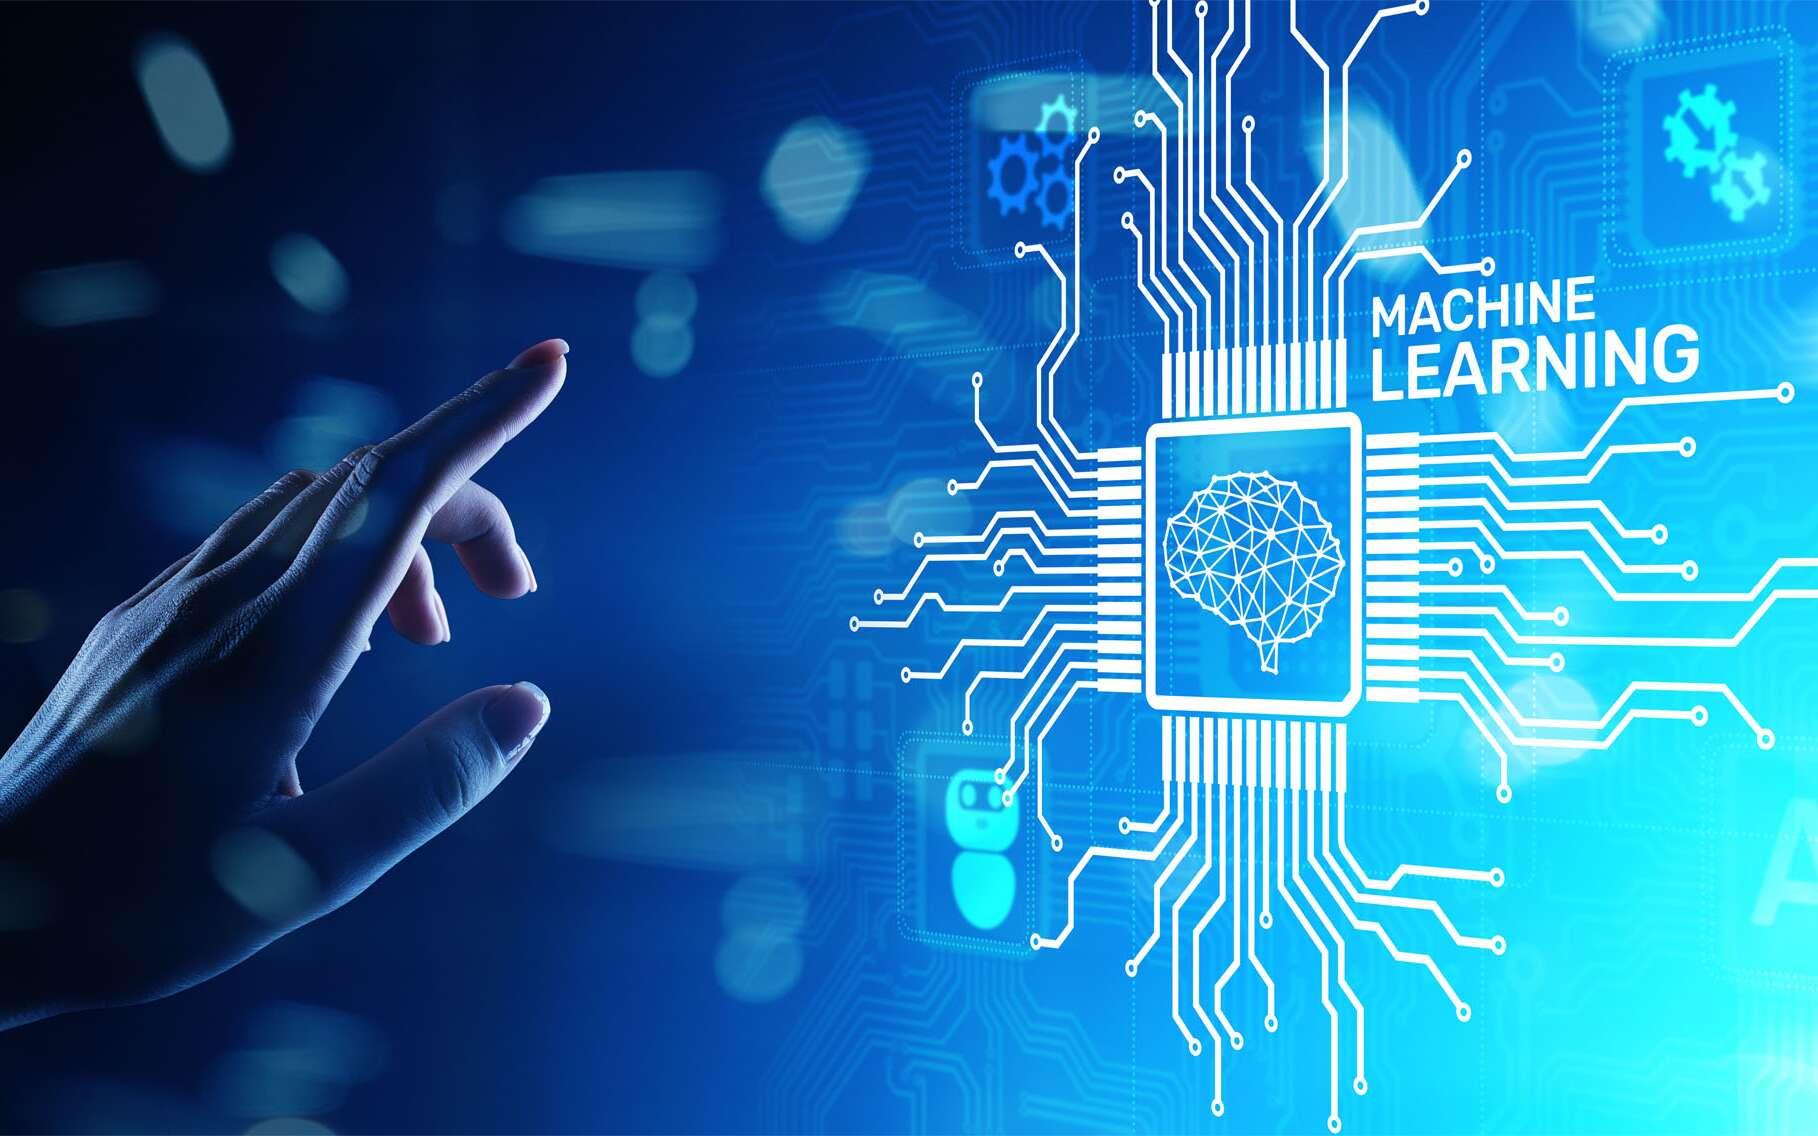 Le machine learning est l'apprentissage d'un modèle statistique par une machine. © WrightStudio, Adobe Stock